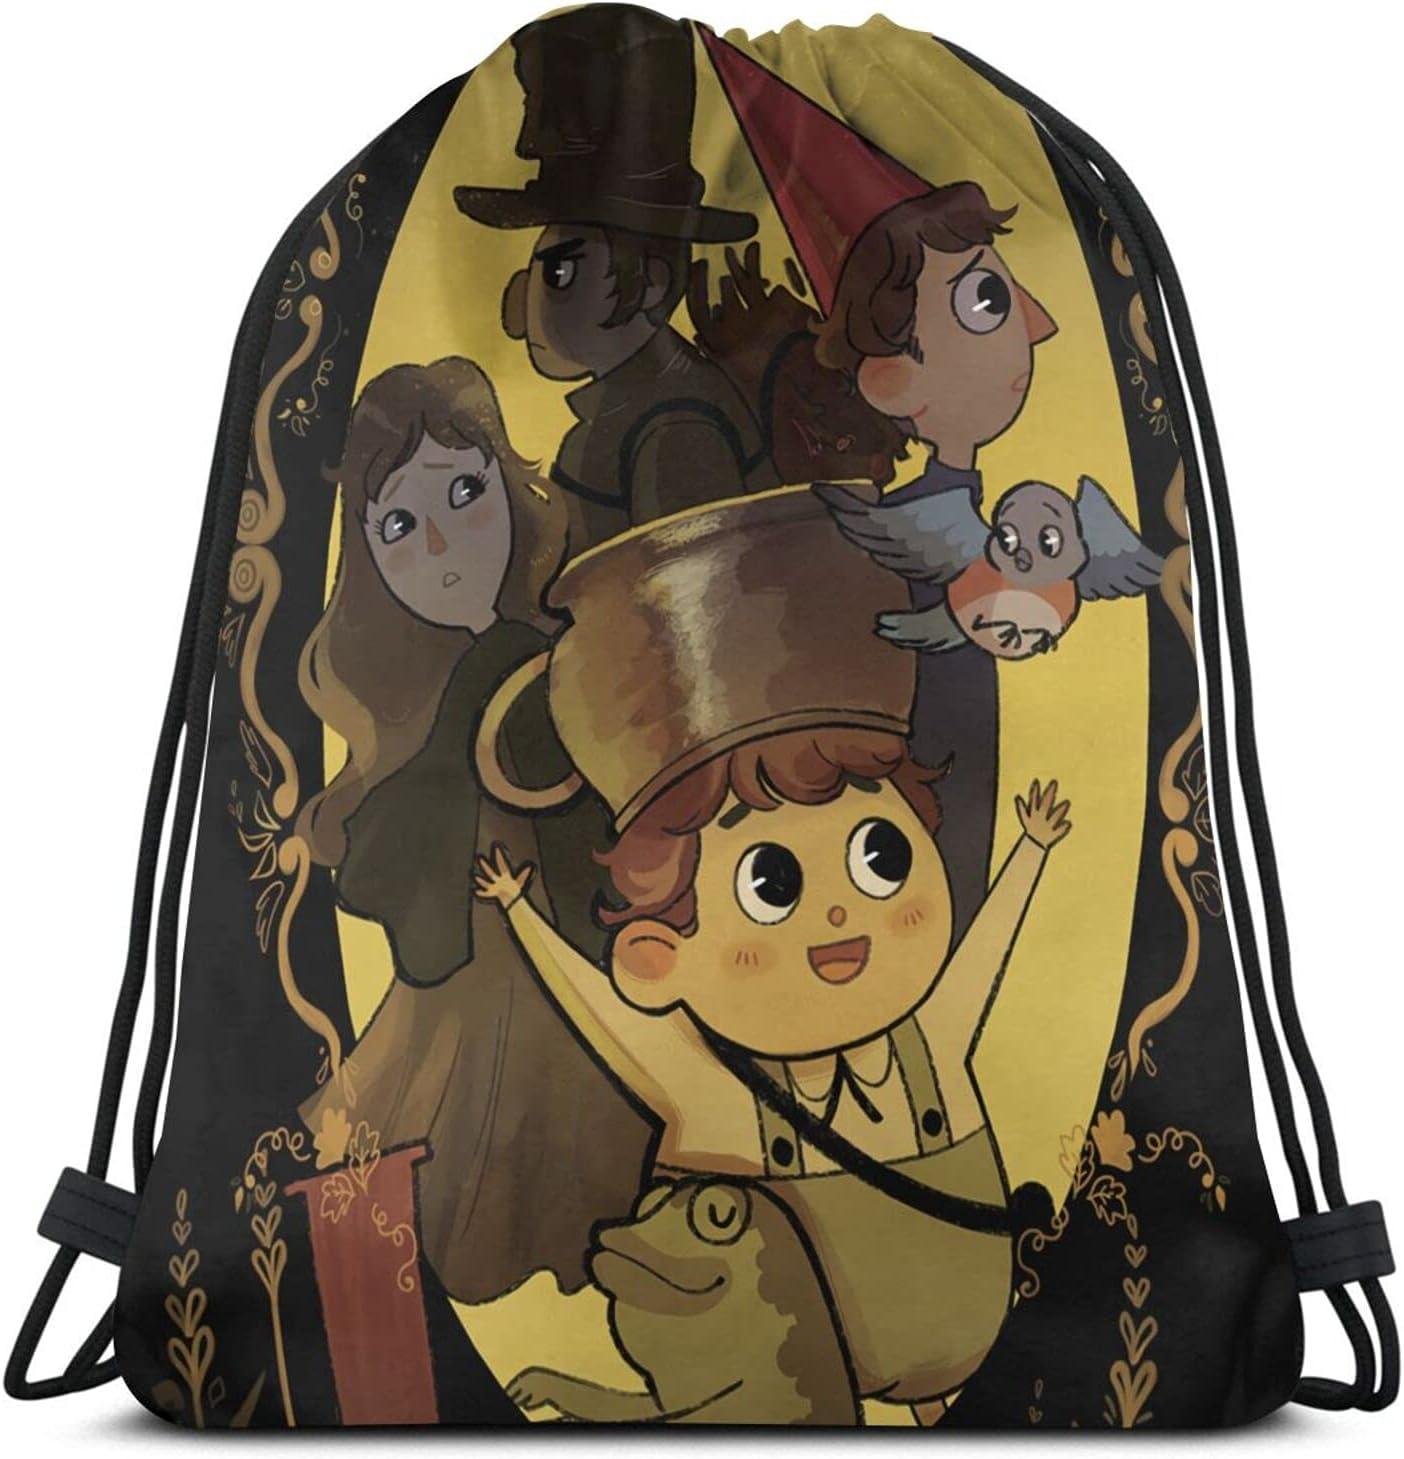 Over The Garden Wall Drawstring Backpack Print Sport Travel Gym Bundle Bag Storage Bag For Men Women